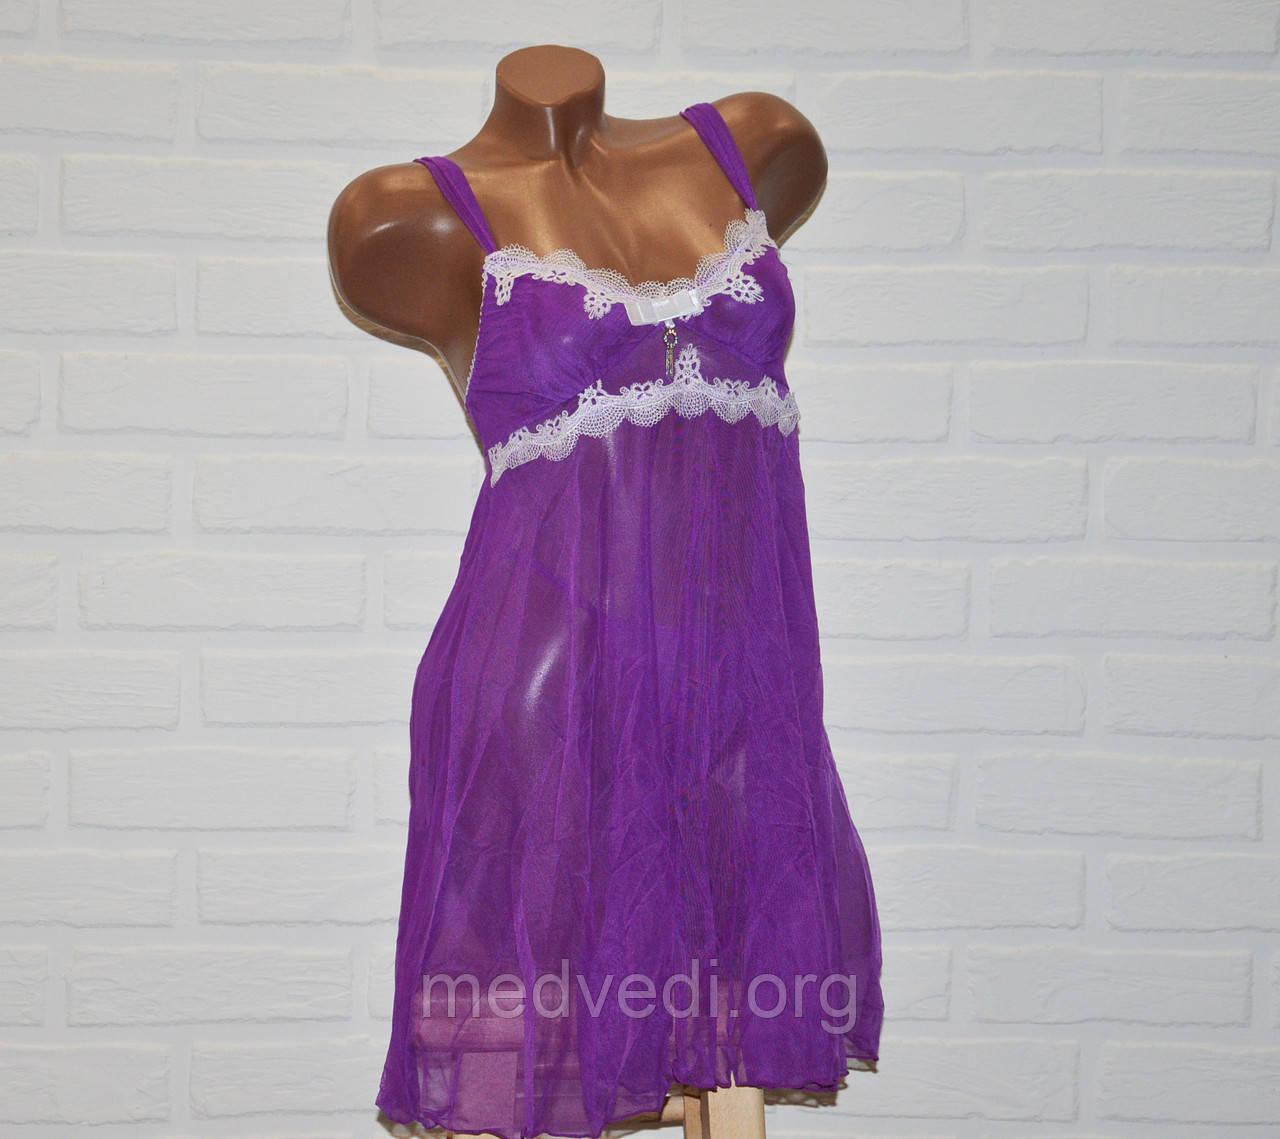 Фиолетовый комплект эротического женского белья, пеньюар и трусы стринги, размер S